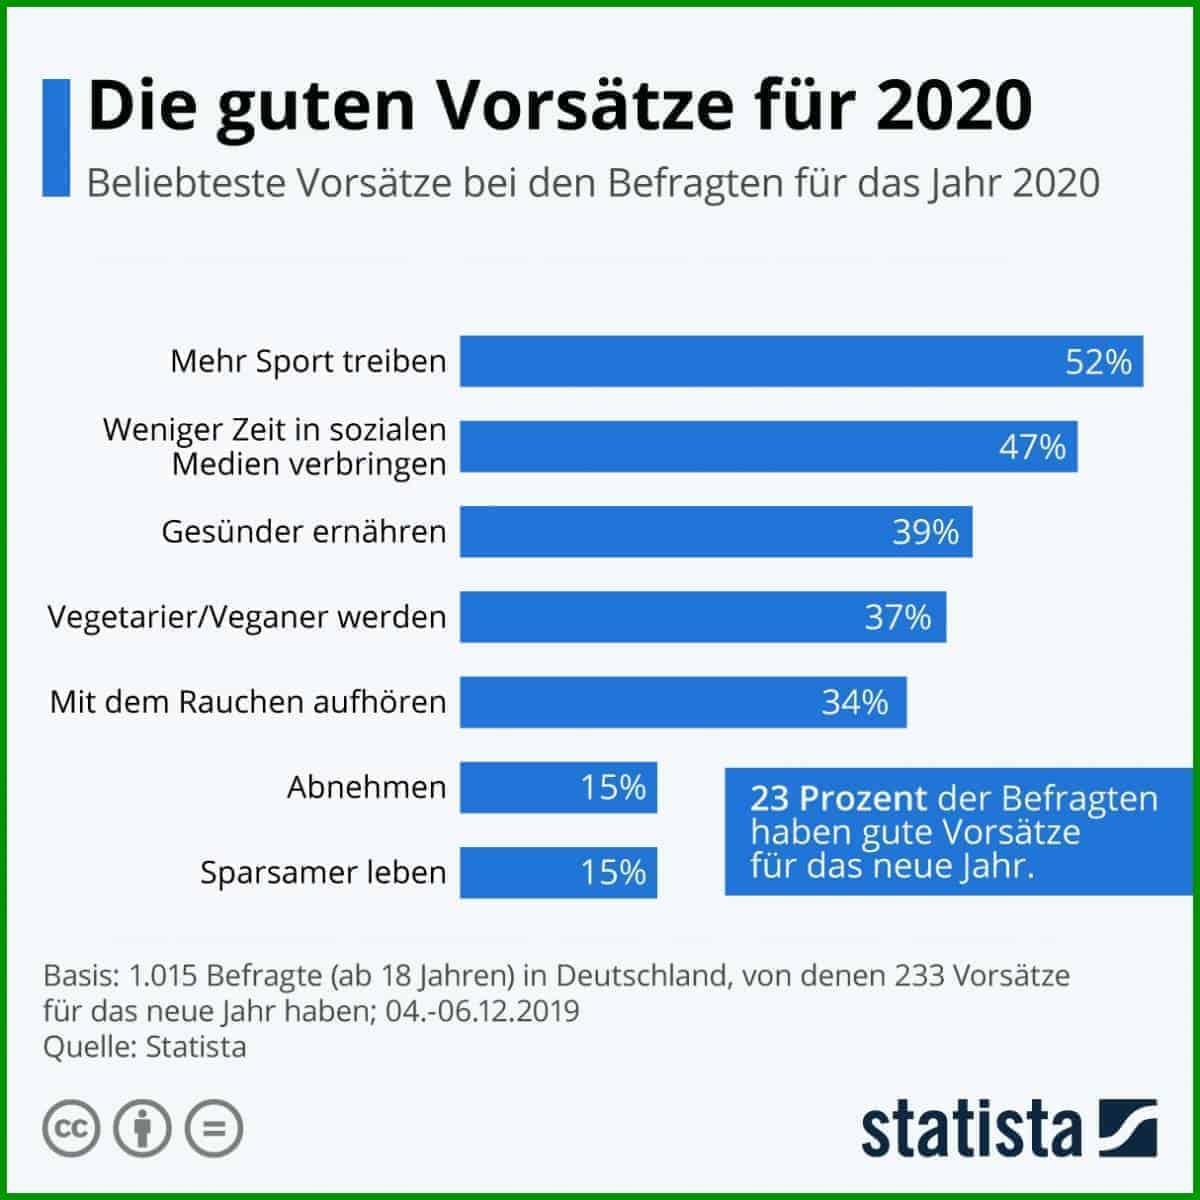 Die guten Vorsätze für 2020